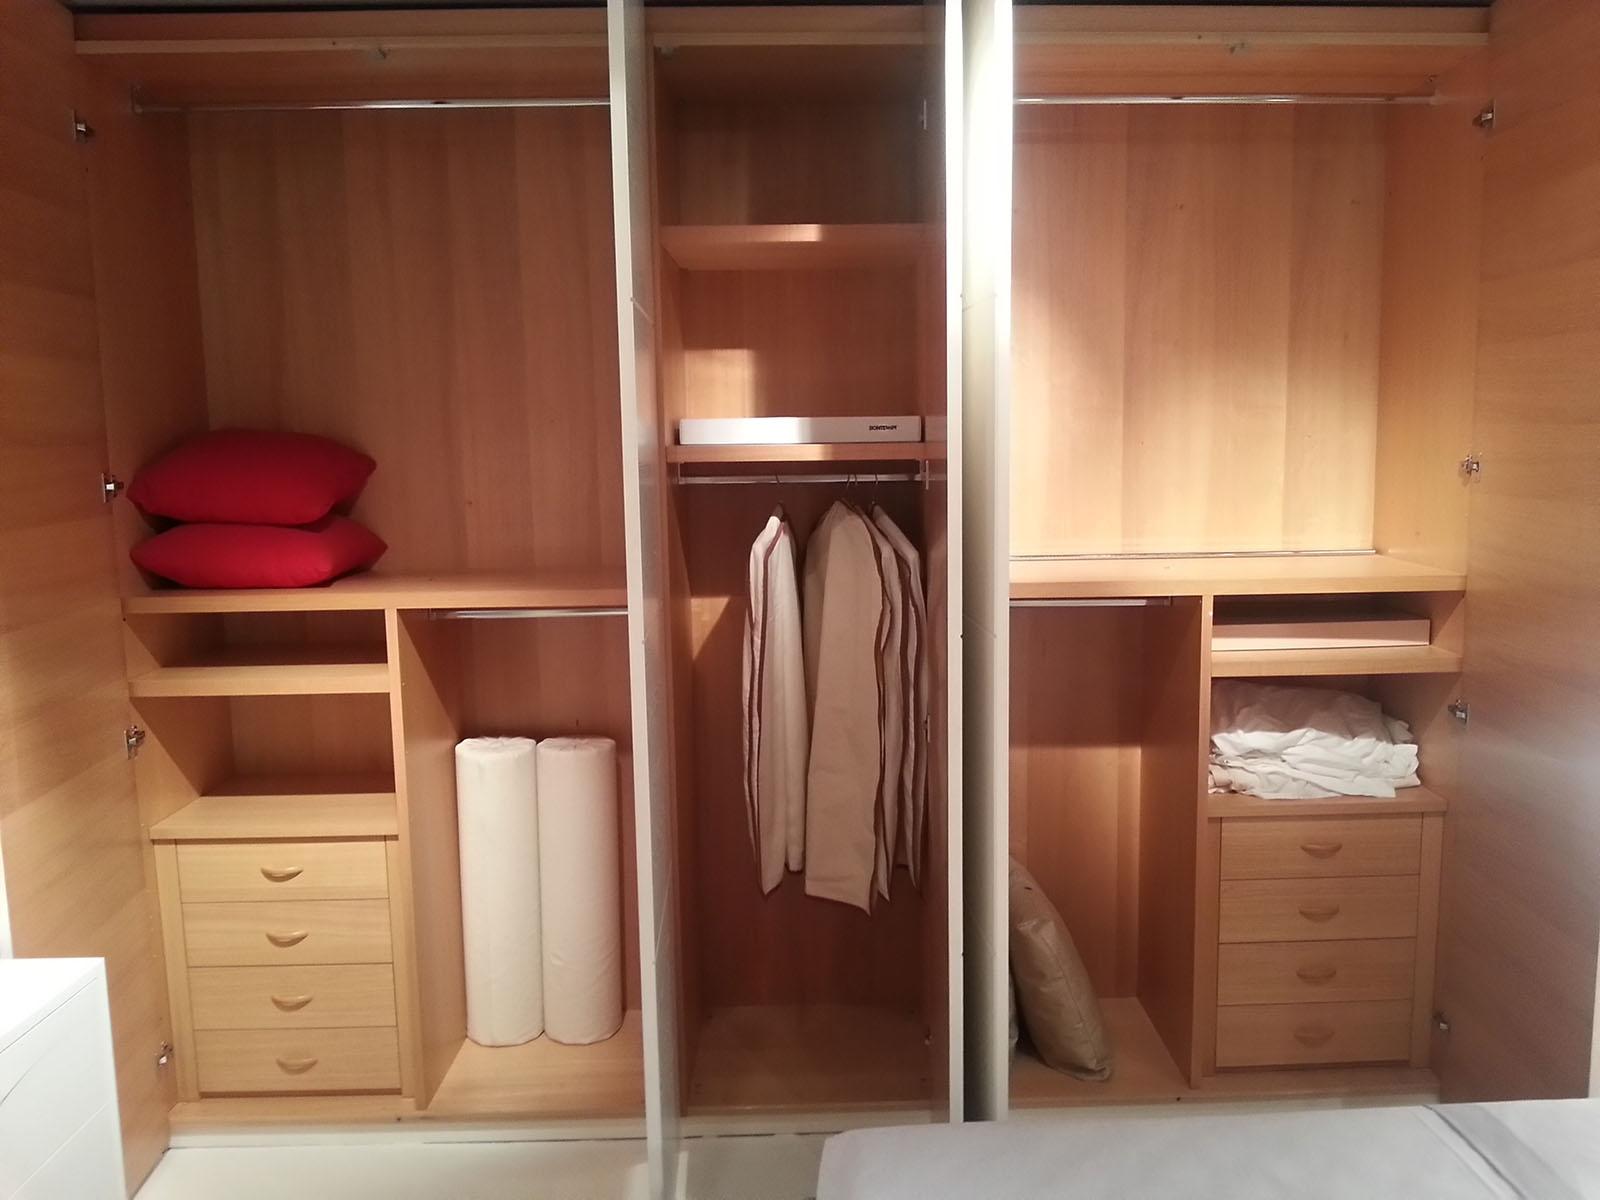 armadio napol battente in legno poro aperto 47 armadi